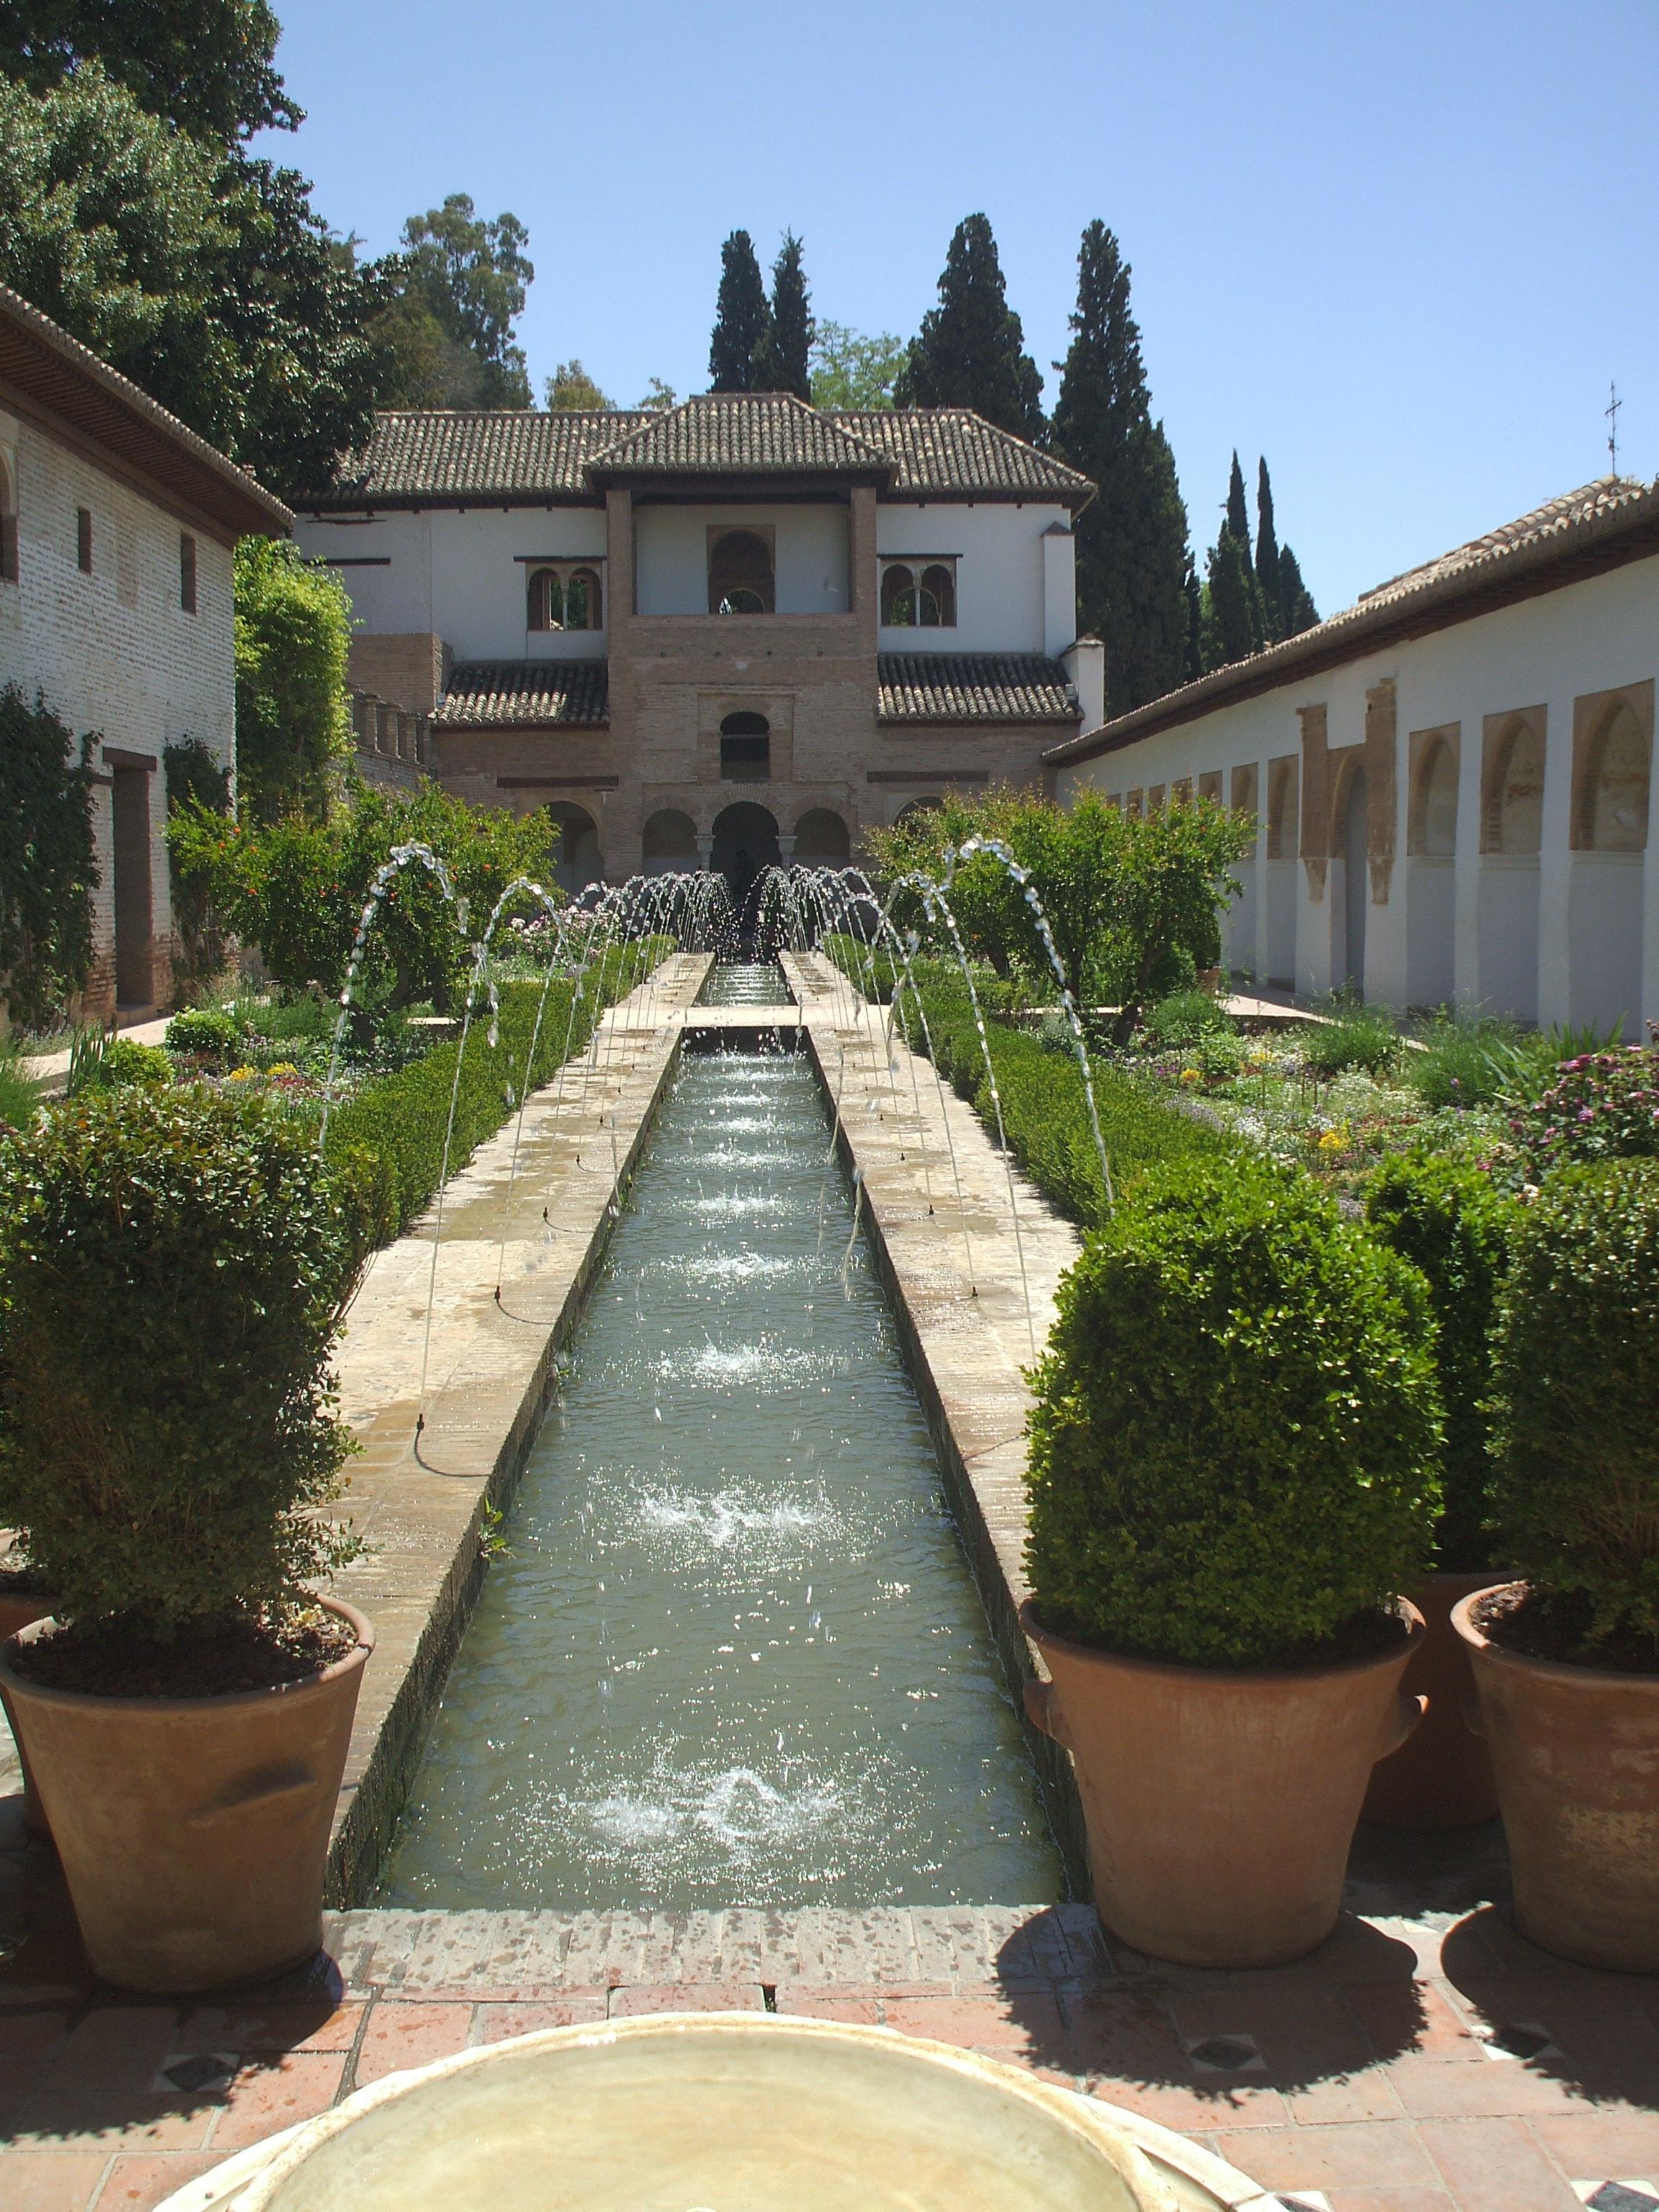 file fuente en los jardines de la wikimedia